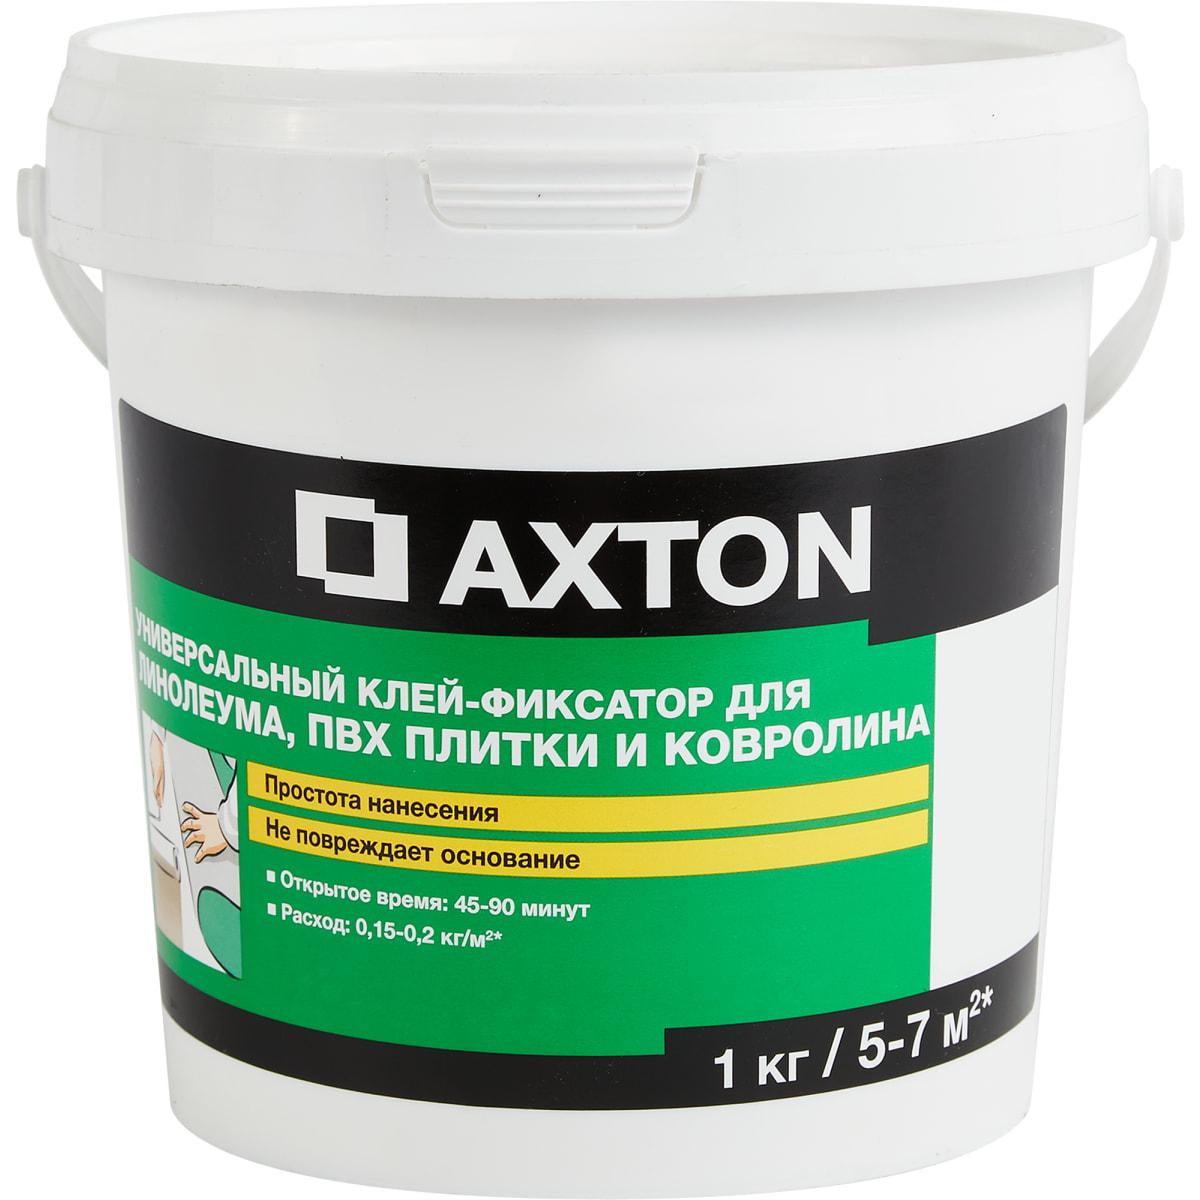 Клей-фиксатор Axton для линолеума и ковролина, 1 кг